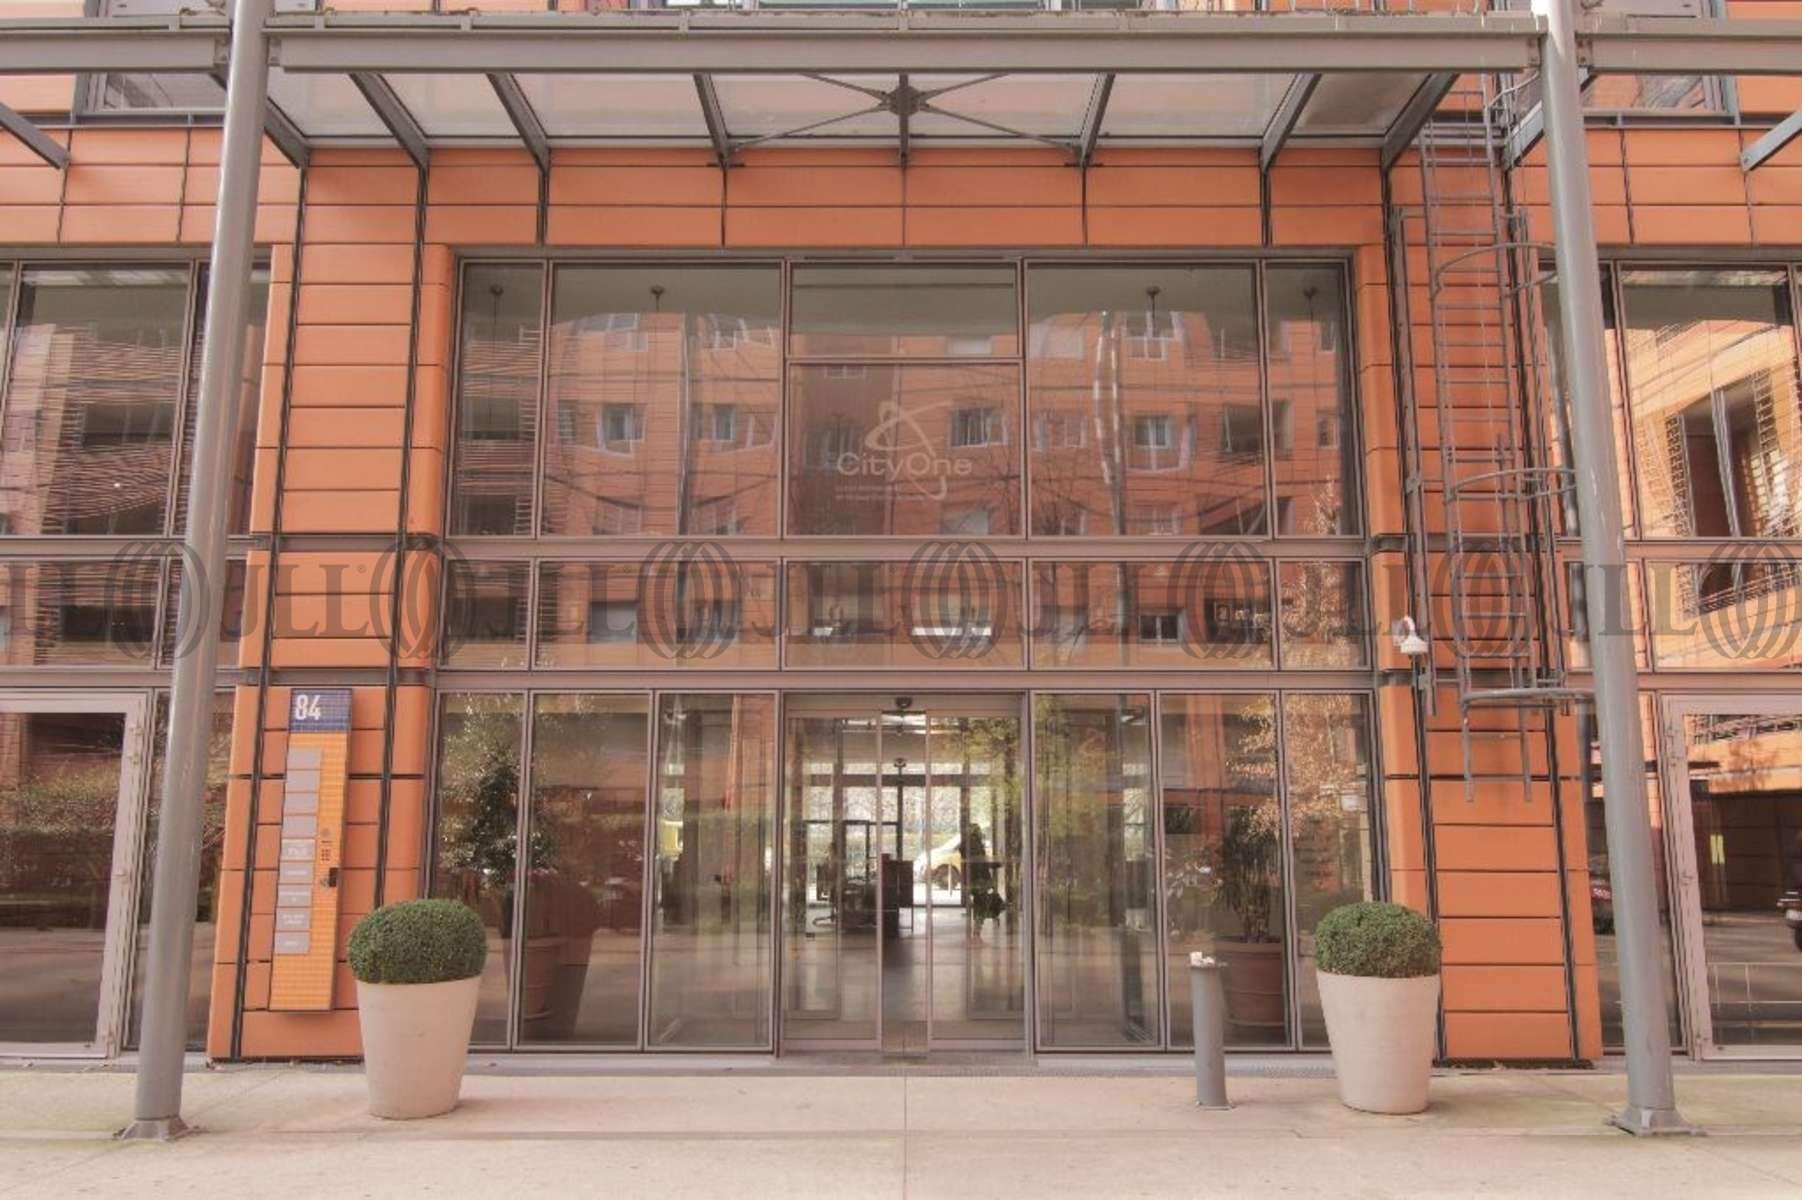 Bureaux louer city one 69006 lyon 43698 jll - Bureau de change lyon sans commission ...